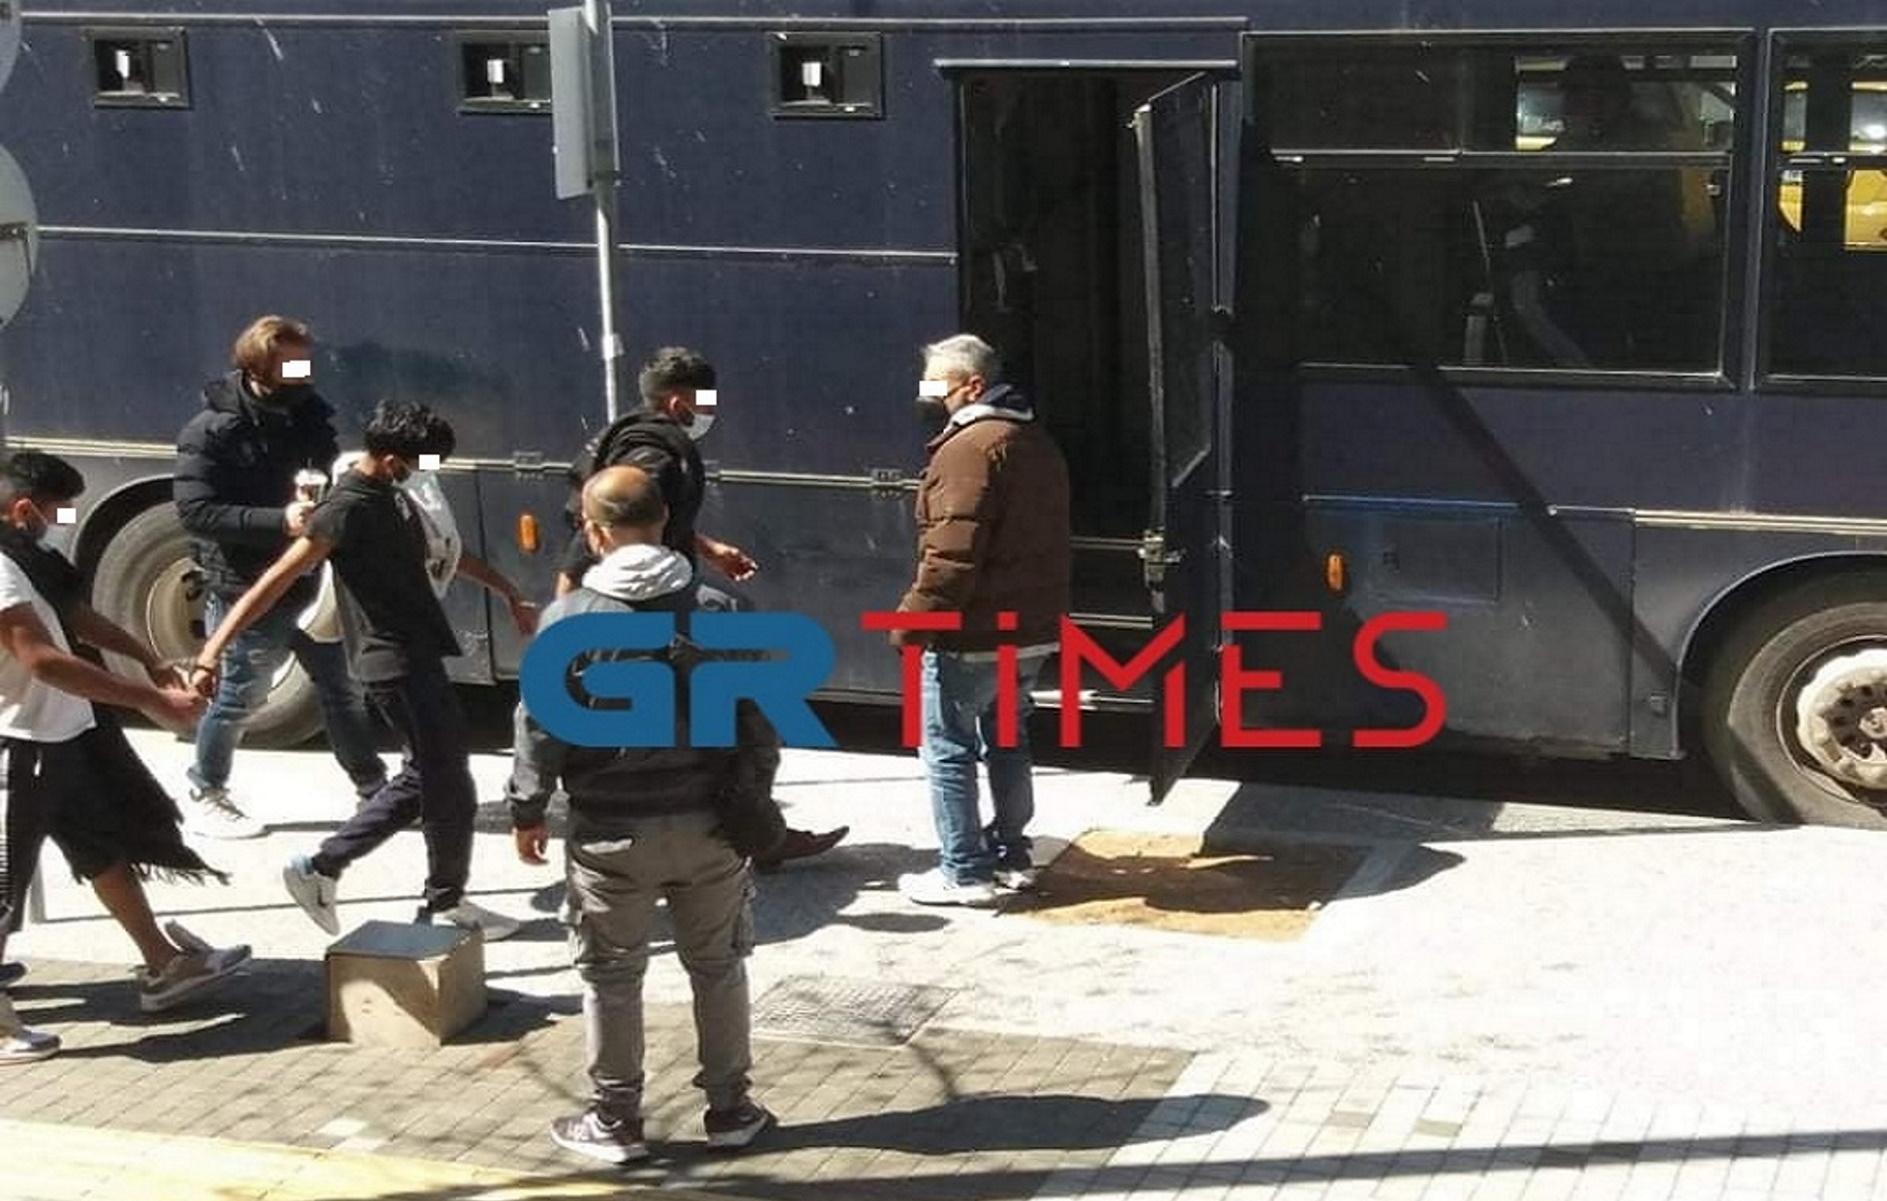 Θεσσαλονίκη: Προφυλακιστέα 6 μέλη διεθνούς κυκλώματος διακίνησης μεταναστών